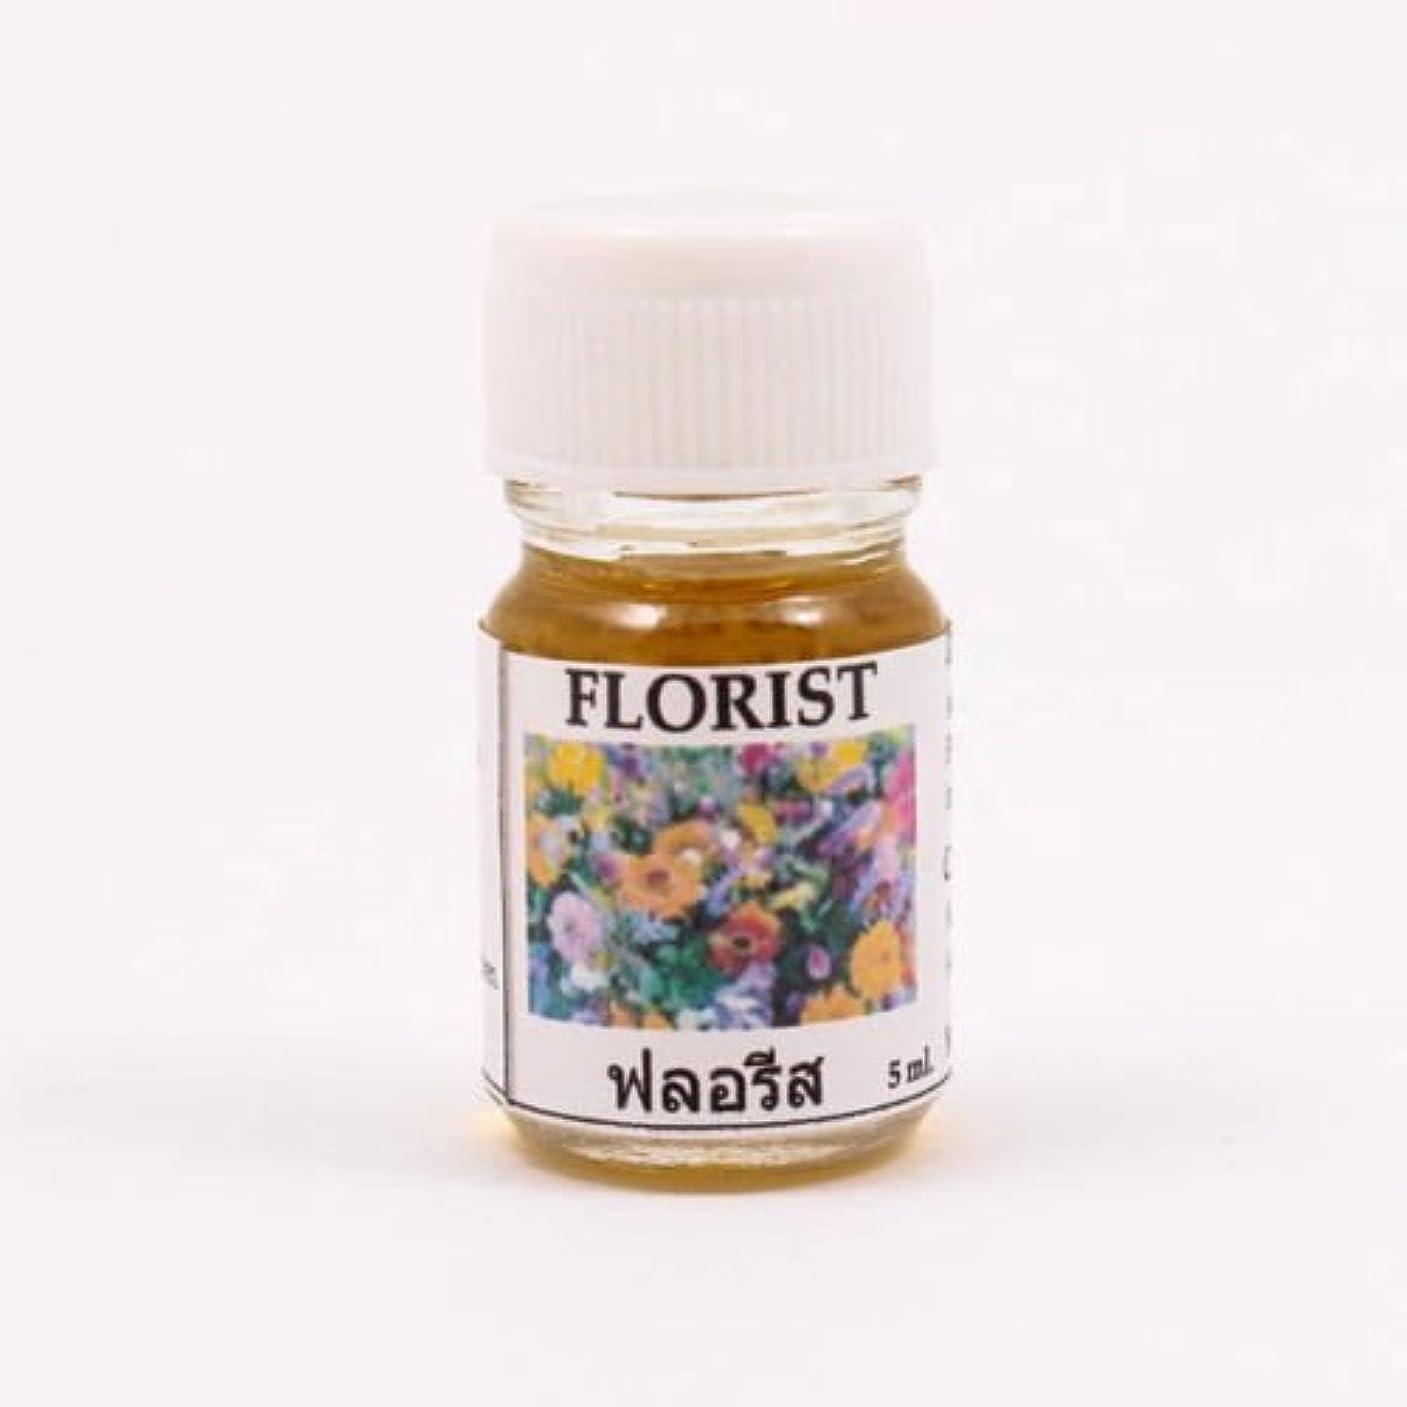 悪魔流産コンクリート6X Florist Aroma Fragrance Essential Oil 5ML. (cc) Diffuser Burner Therapy